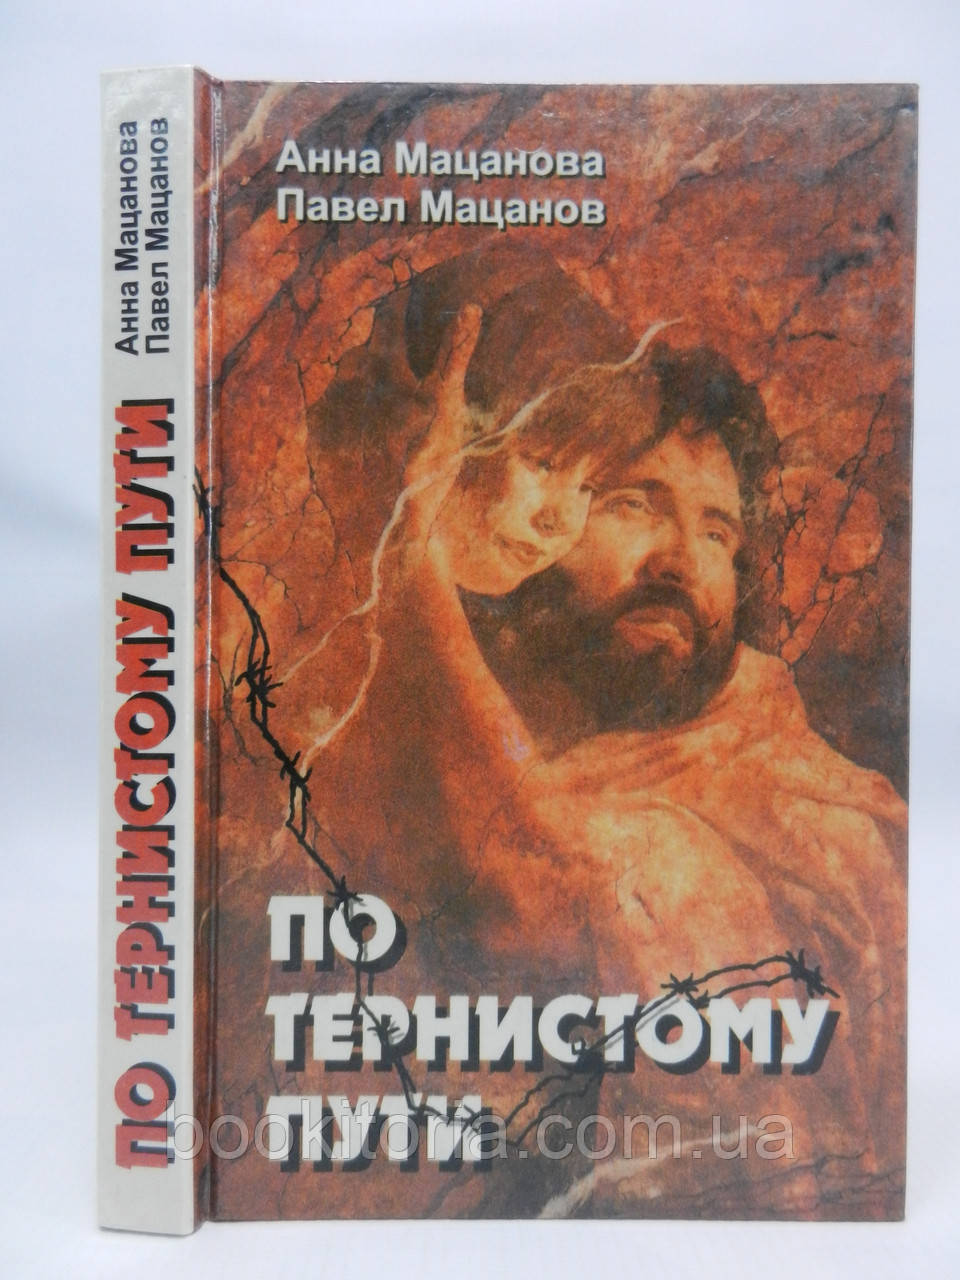 Мацанова А.Г., Мацанов П.А. По тернистому пути (б/у).